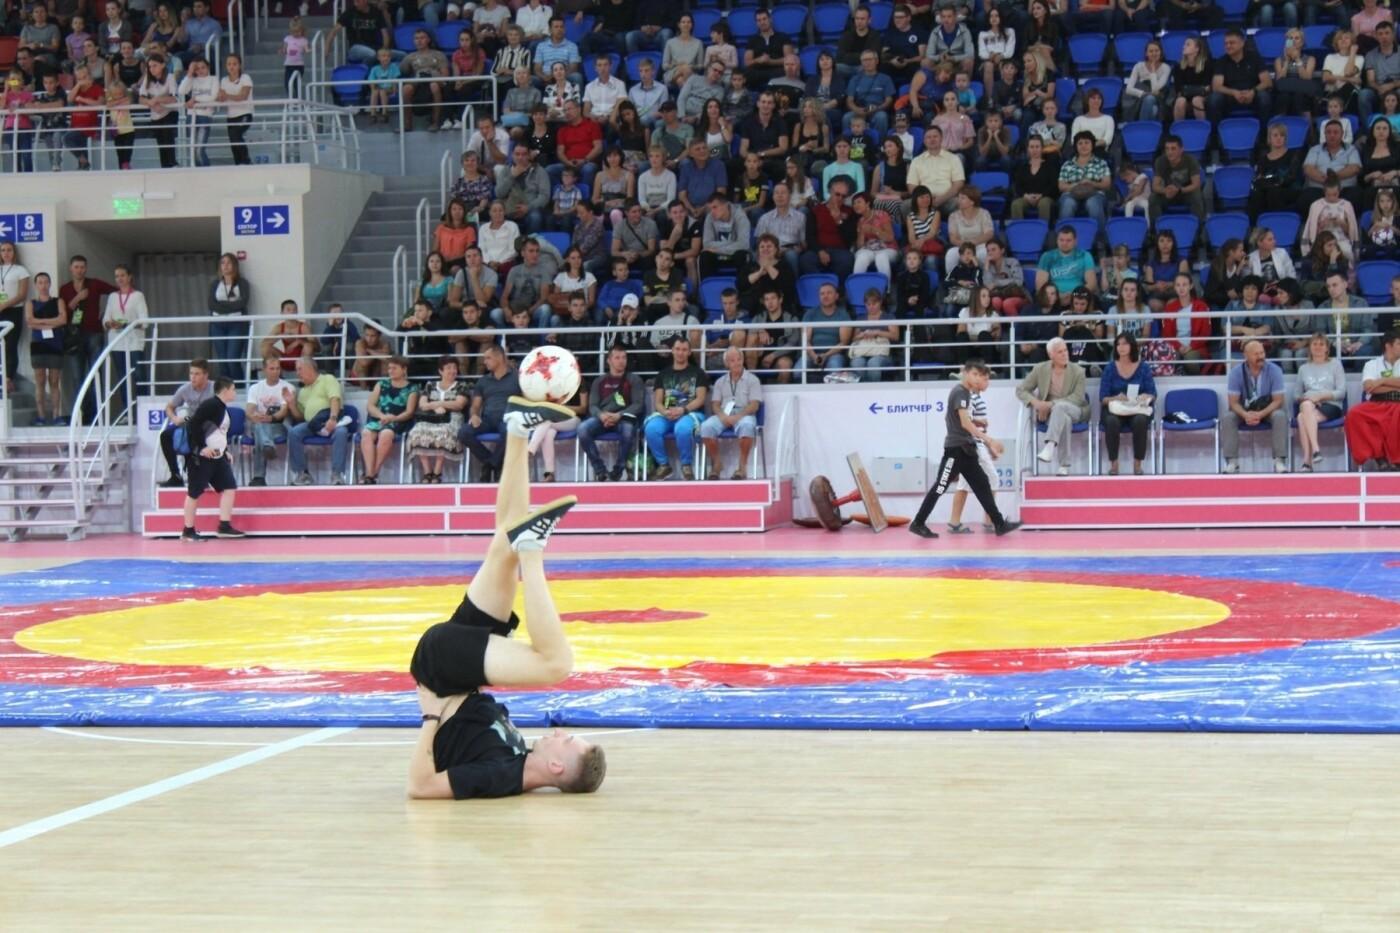 В «Юности» спортивные школы города показали шоу, - ФОТО, фото-5